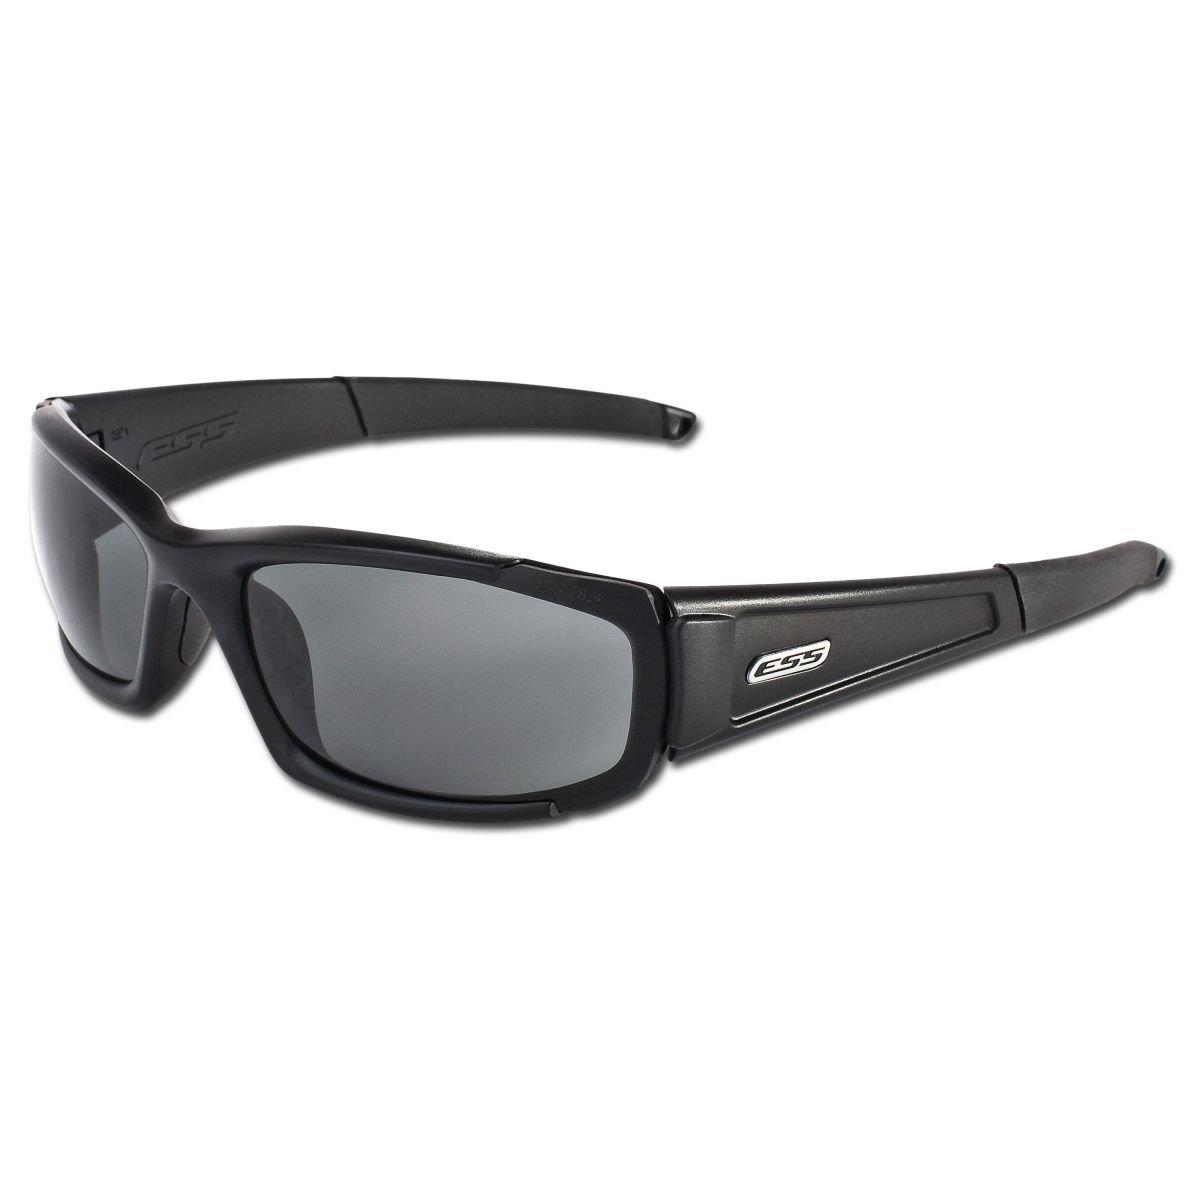 ESS Eye Safety Systems CDI Ballistic Eyeshield, Black by ESS